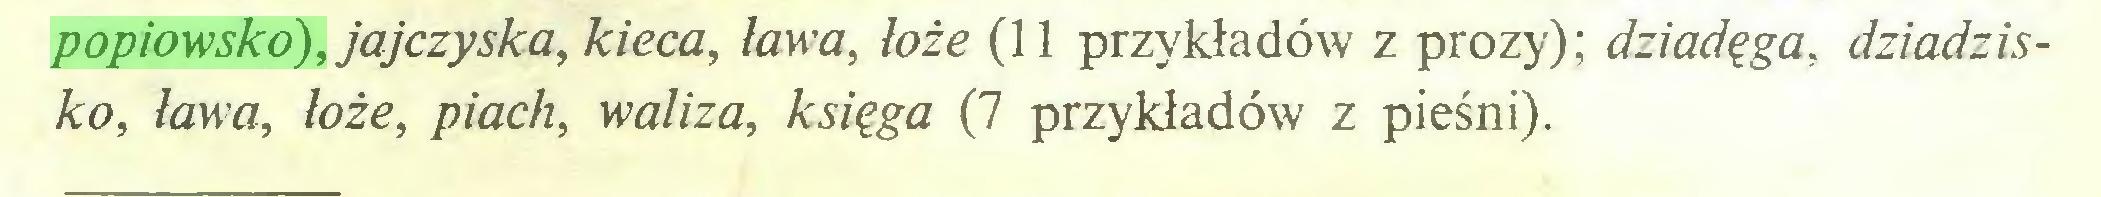 (...) popiowsko), jajczyska,kieca, ława, łoże (11 przykładów z prozy); dziadęga, dziadzisko, ława, łoże, piach, waliza, księga (7 przykładów z pieśni)...